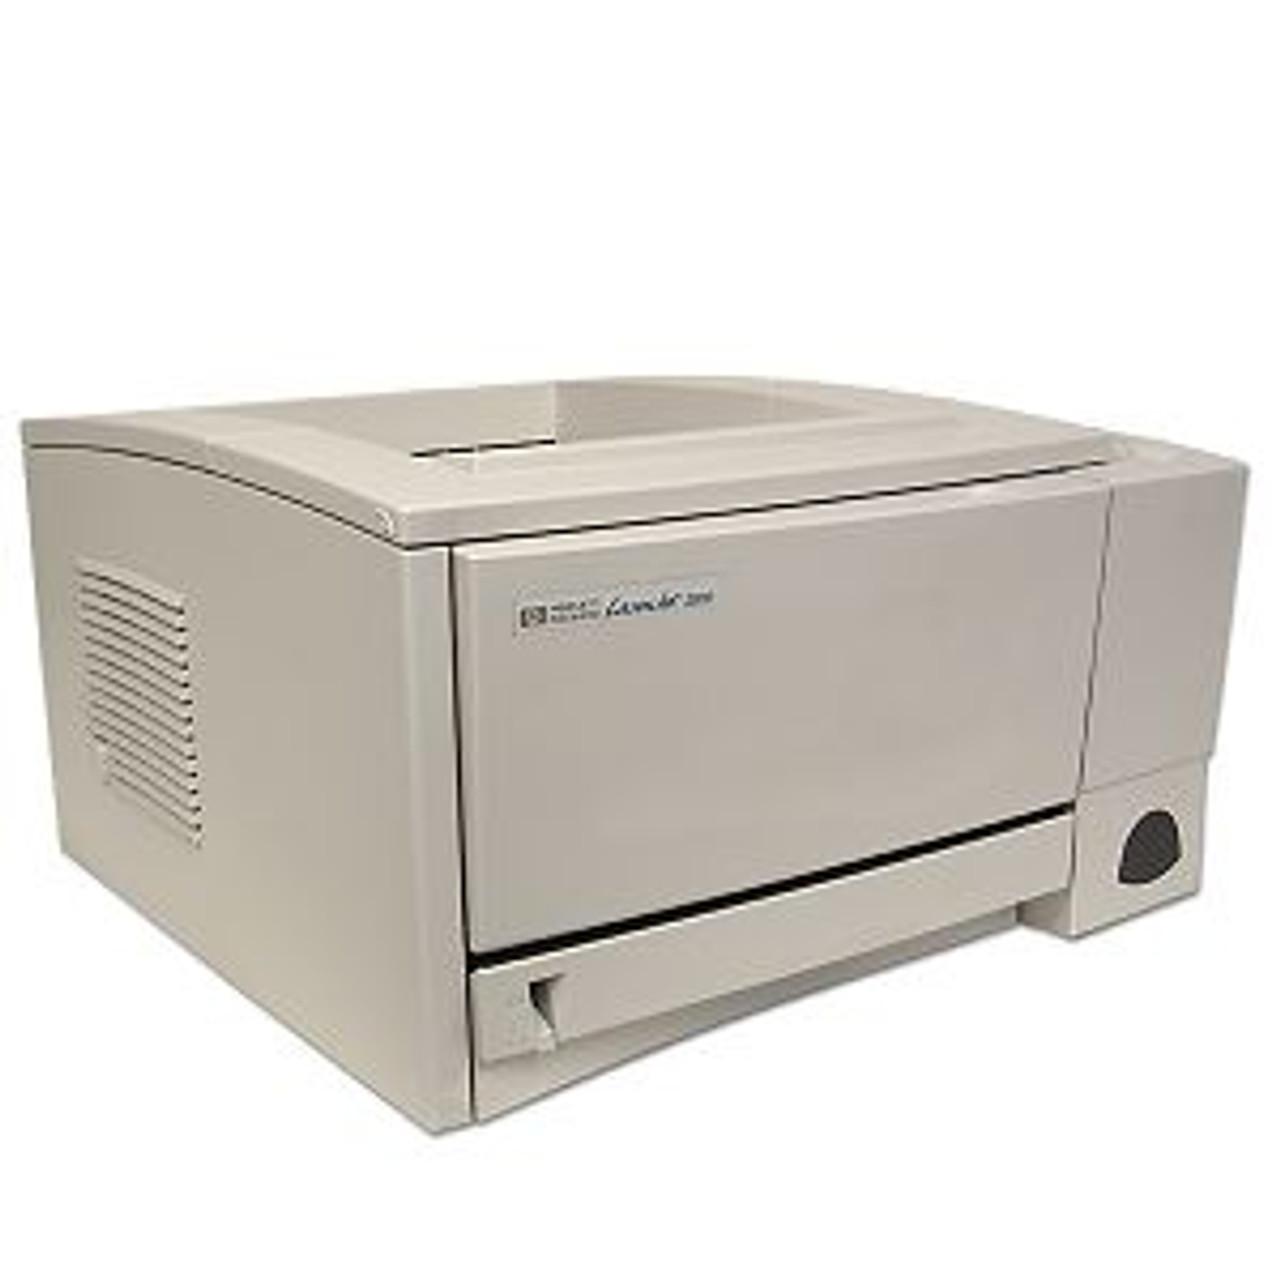 HP LaserJet 2100n -  C4173A - HP Laser Printer for sale